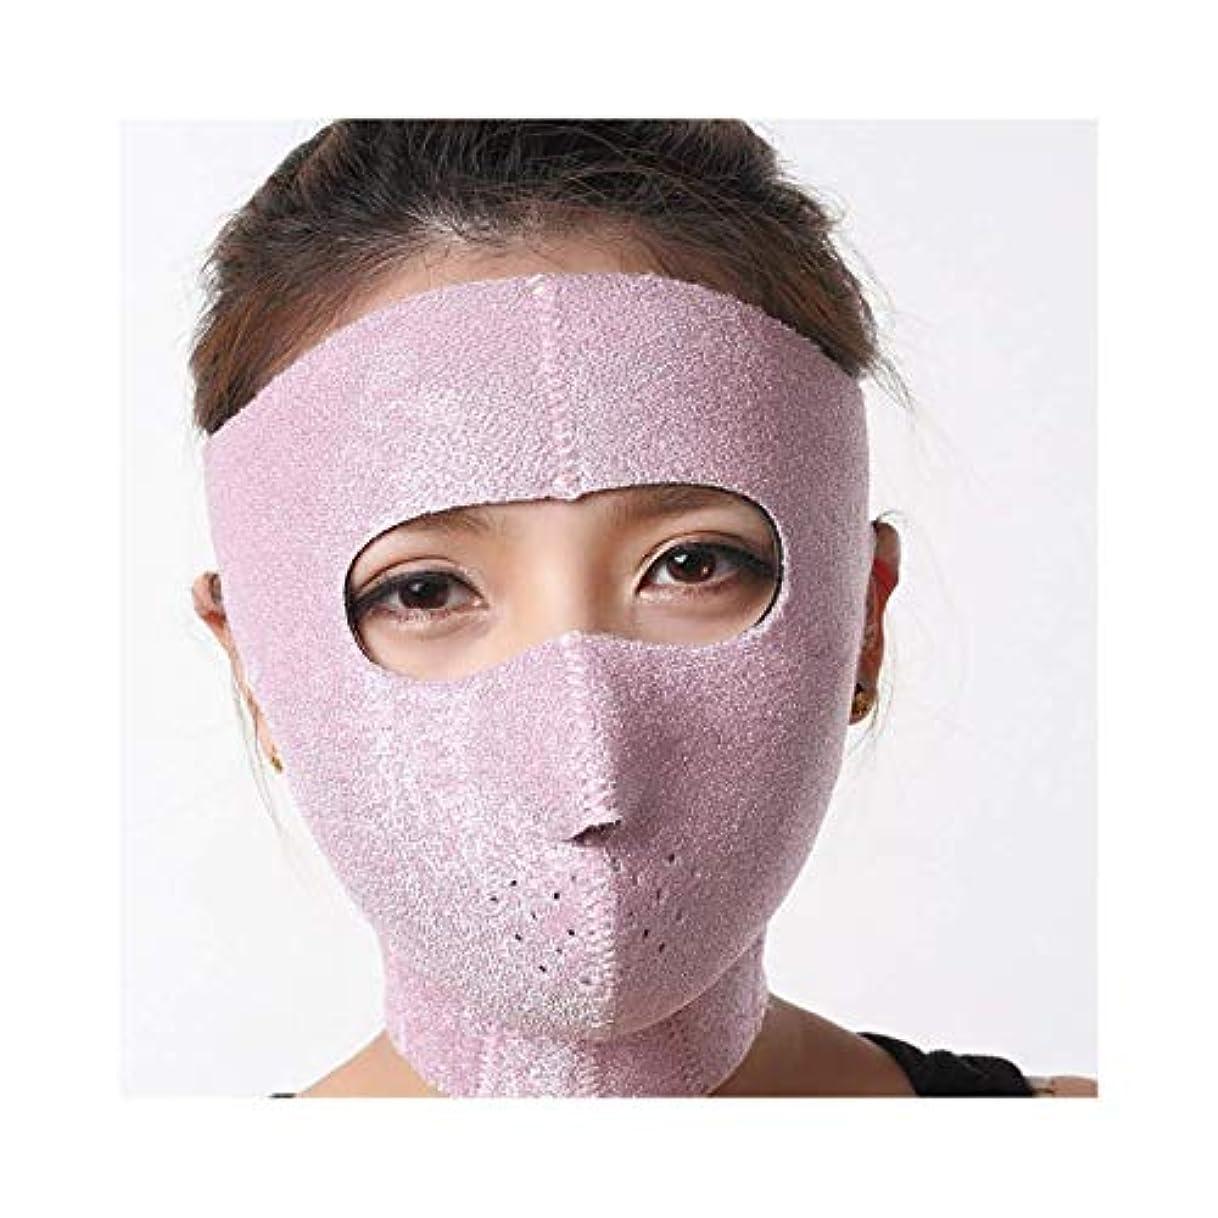 仕様カウンタうまくいけばスリミングベルト、フェイシャルマスク薄い顔マスク睡眠薄い顔マスク薄い顔包帯薄い顔アーティファクト薄い顔顔リフティング薄い顔小さなV顔睡眠薄い顔ベルト